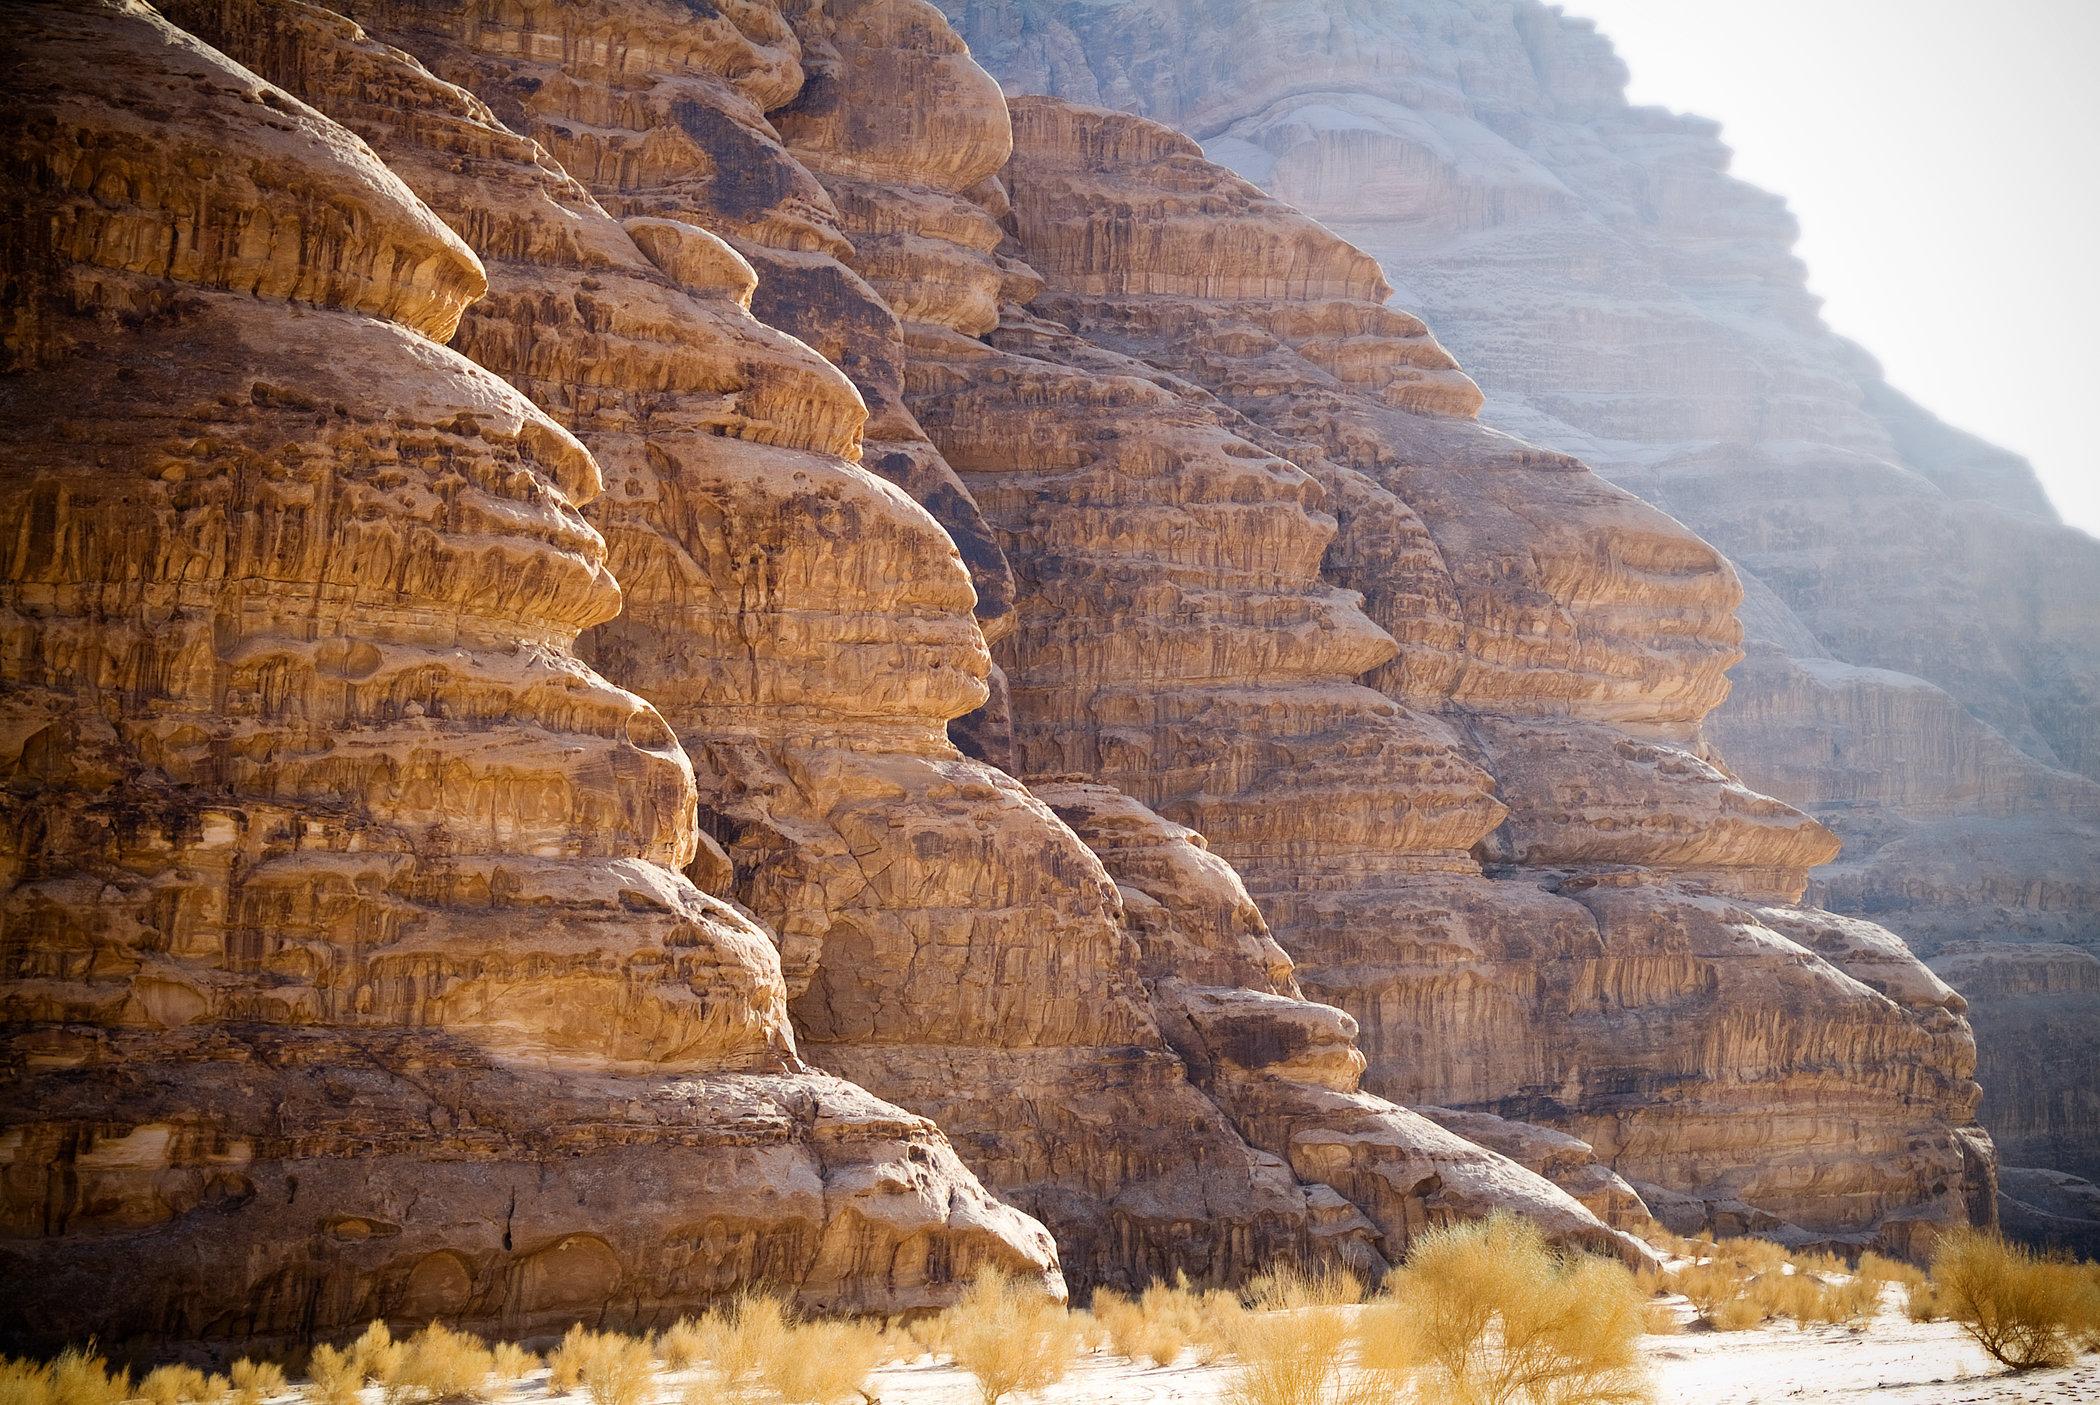 Cut into Sandstone